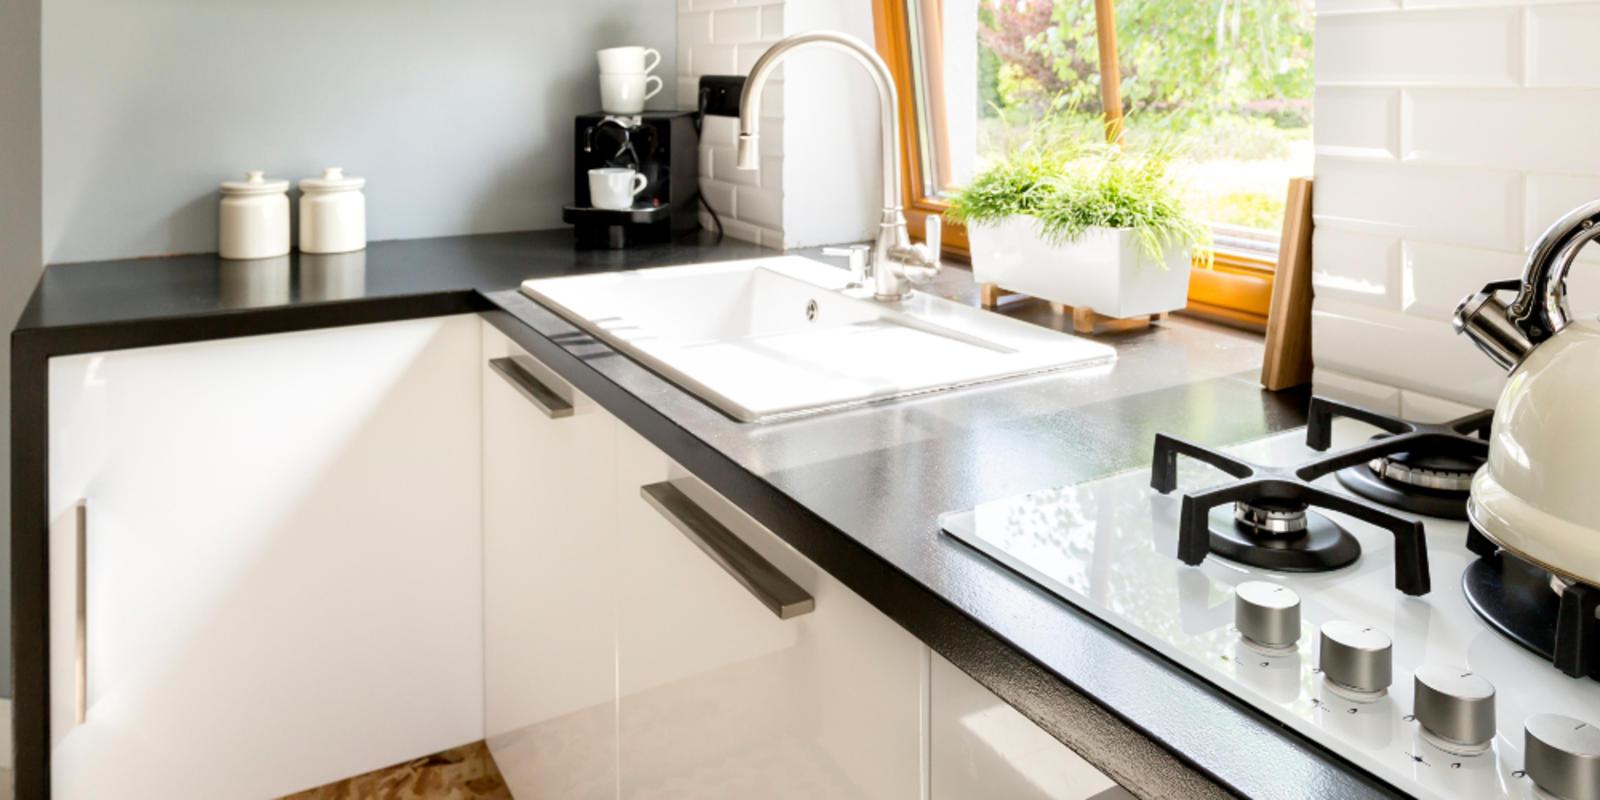 Kleine Keuken Inspiratie 5 Tips Inrichten Kleine Keuken Slimster